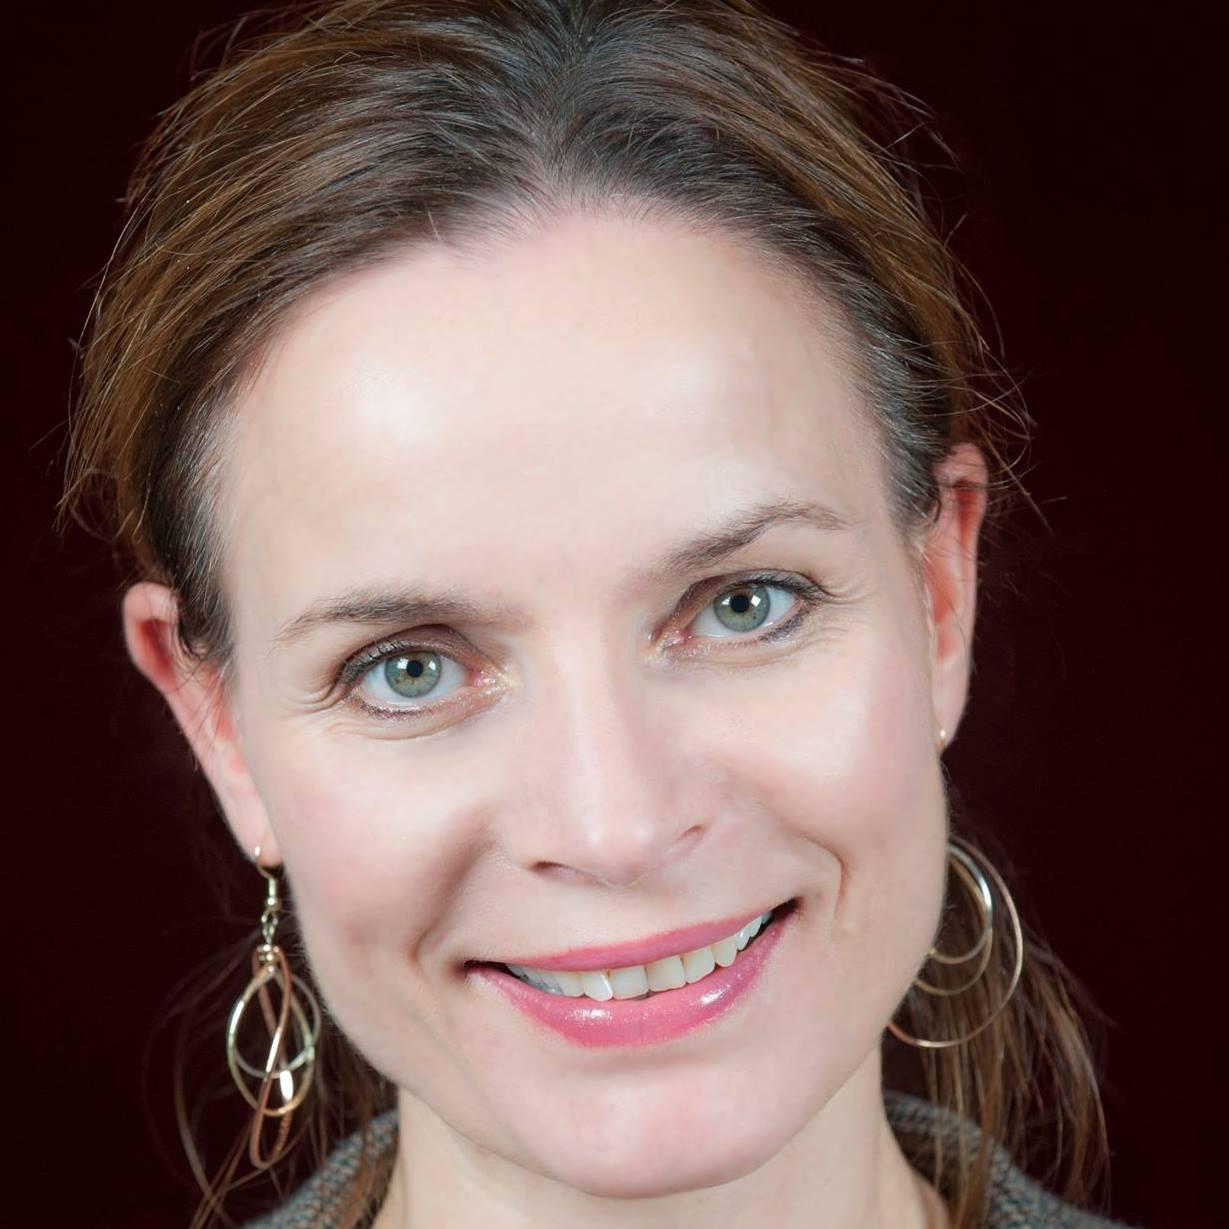 Inger Cecilie Bertrán de Lis